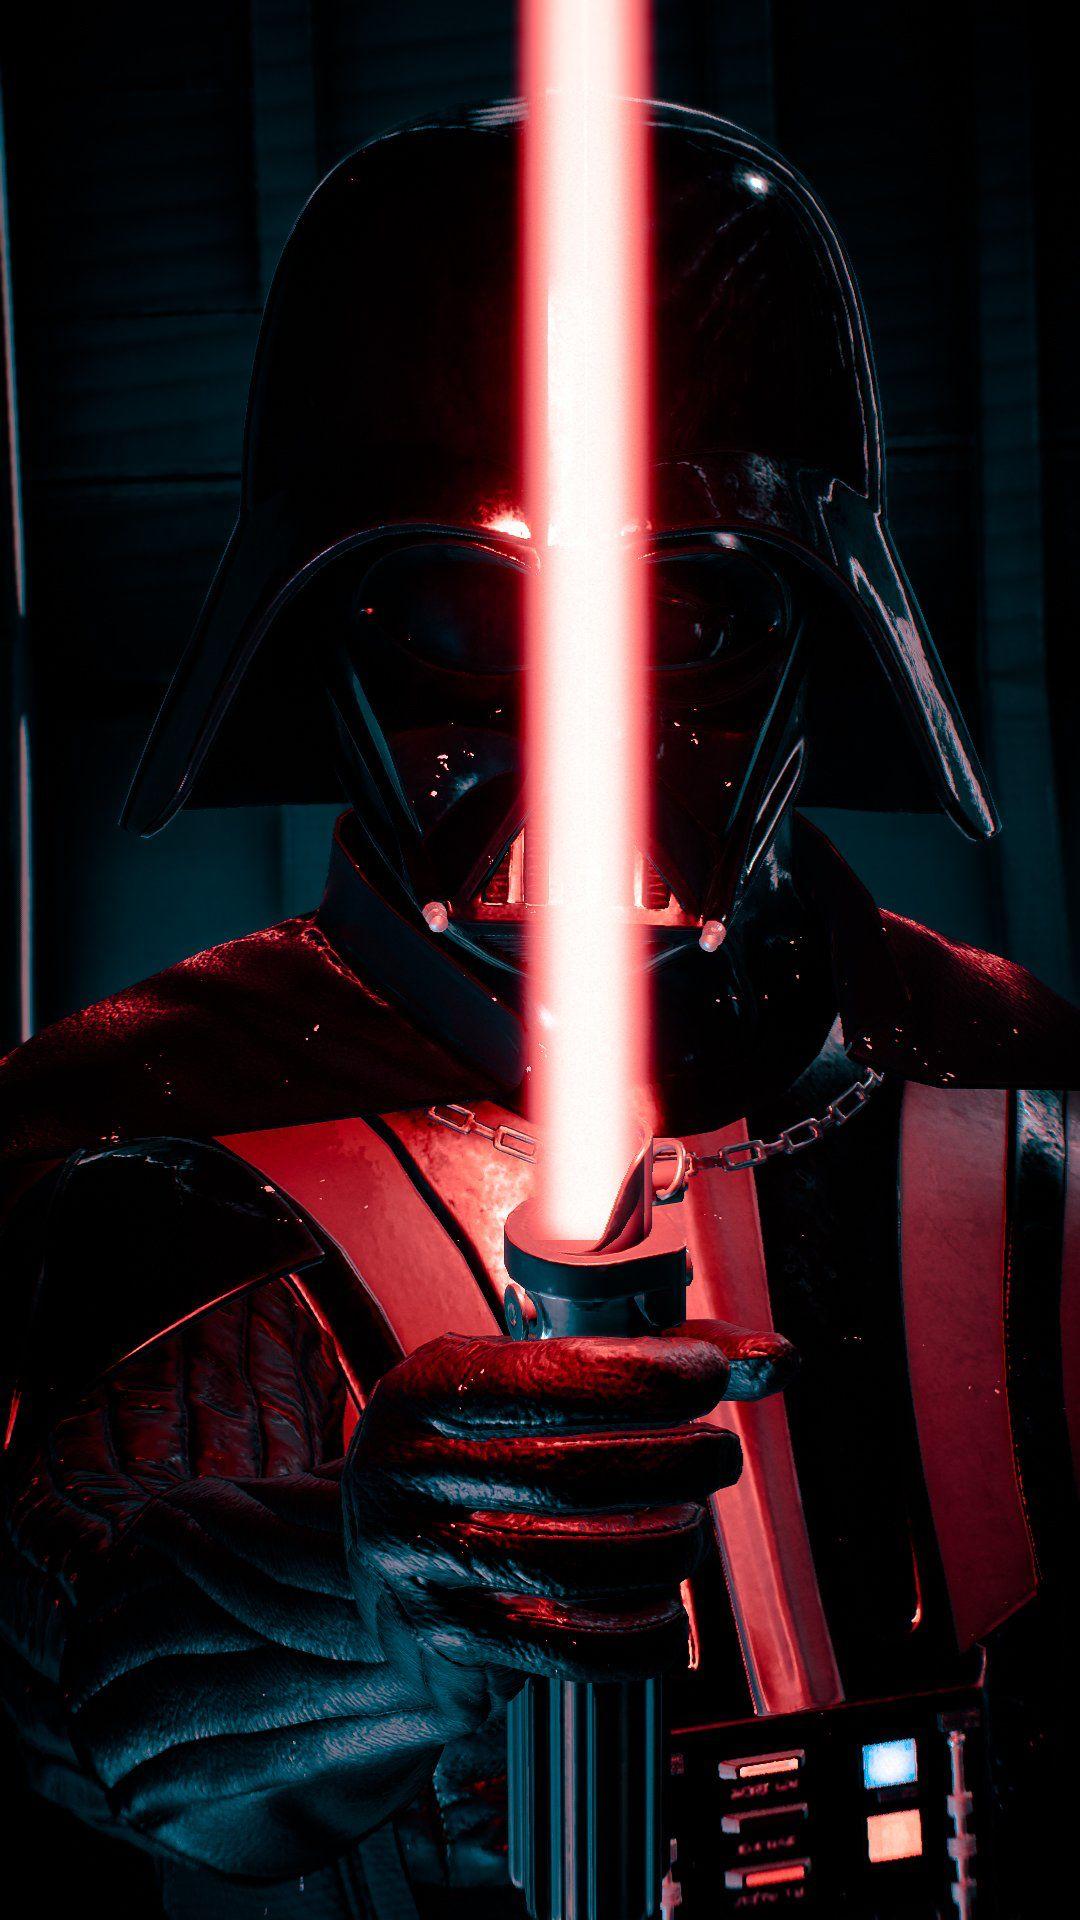 Star Wars Darth Vader Papel De Parede Star Wars Imagens Star Wars Star Wars Personagens